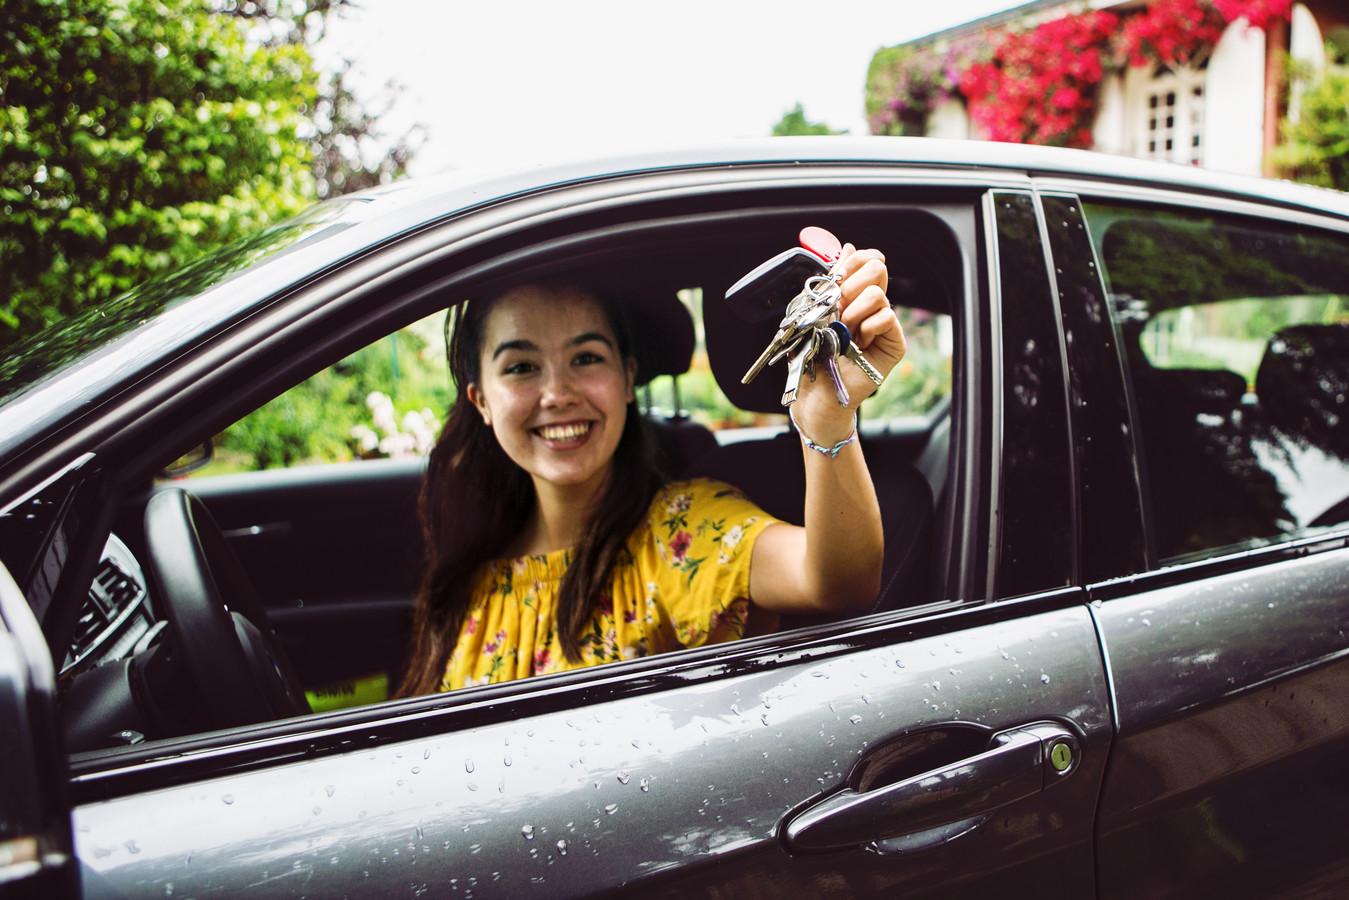 Les jeunes de 18 ans paient le plus pour leur assurance auto